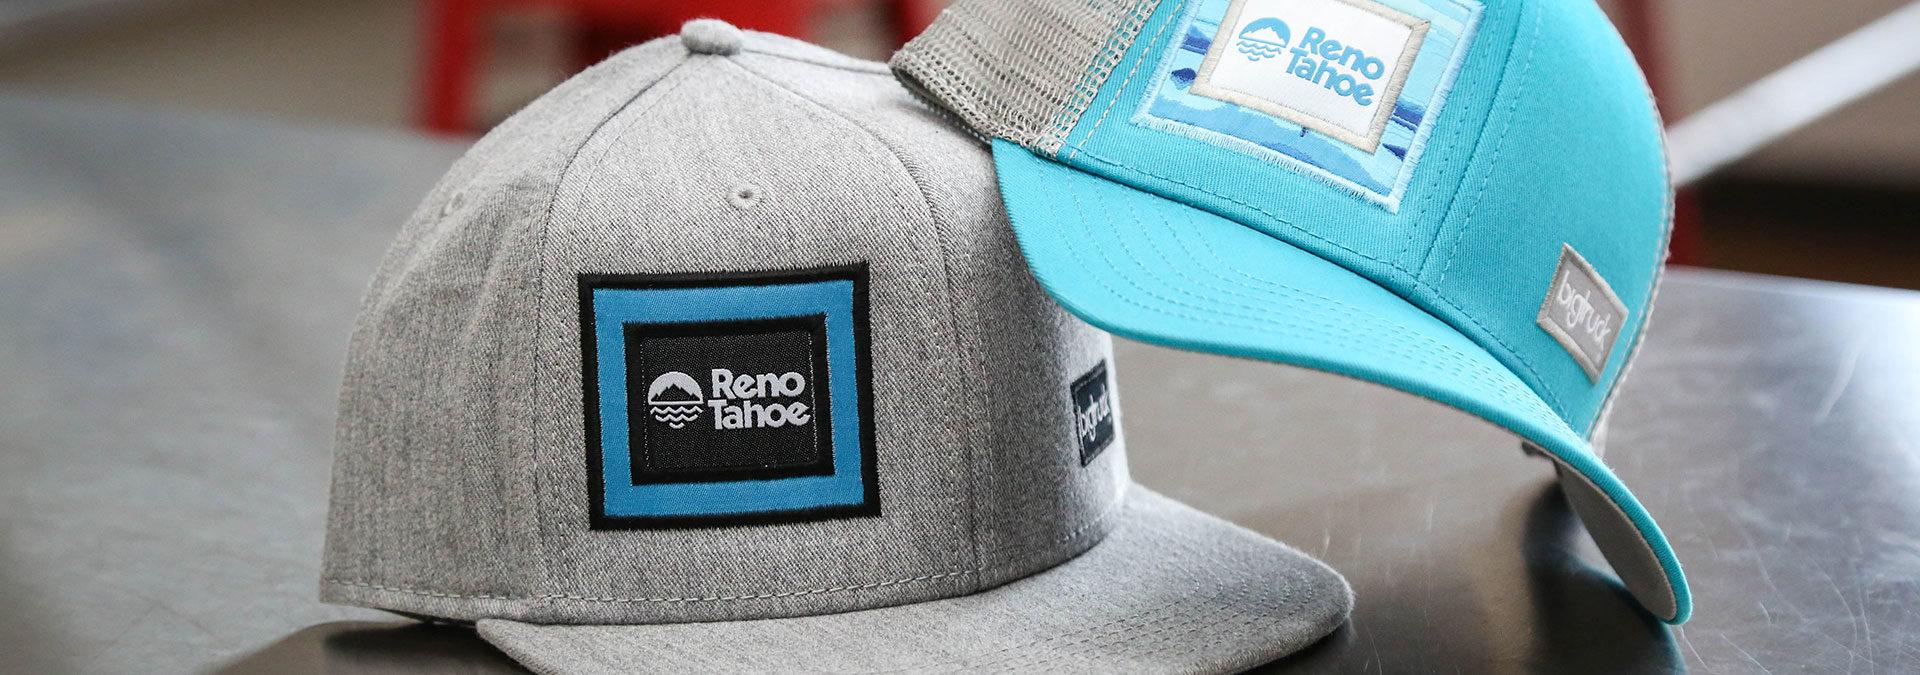 Reno Tahoe bigtruck hats